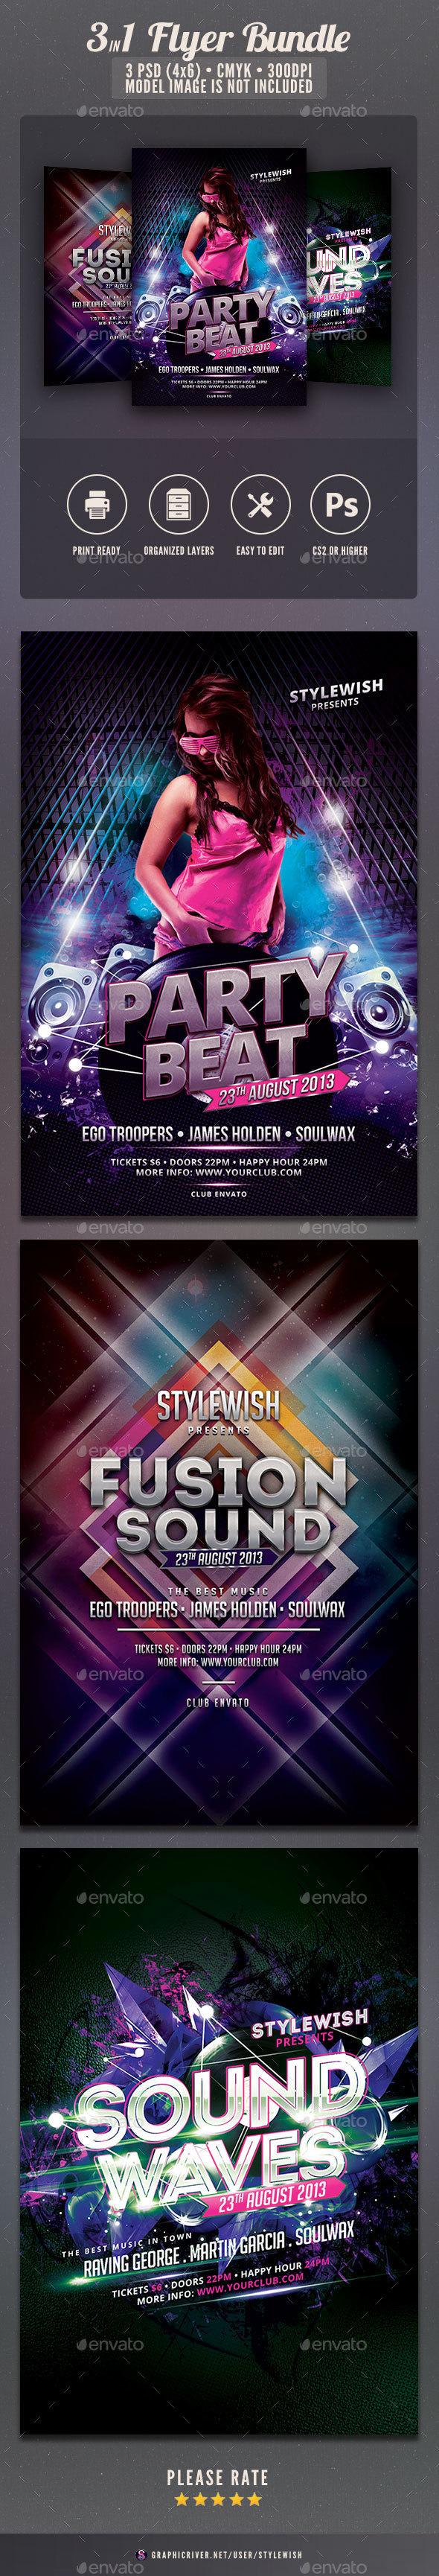 Party Flyer Bundle Vol9 - Clubs & Parties Events